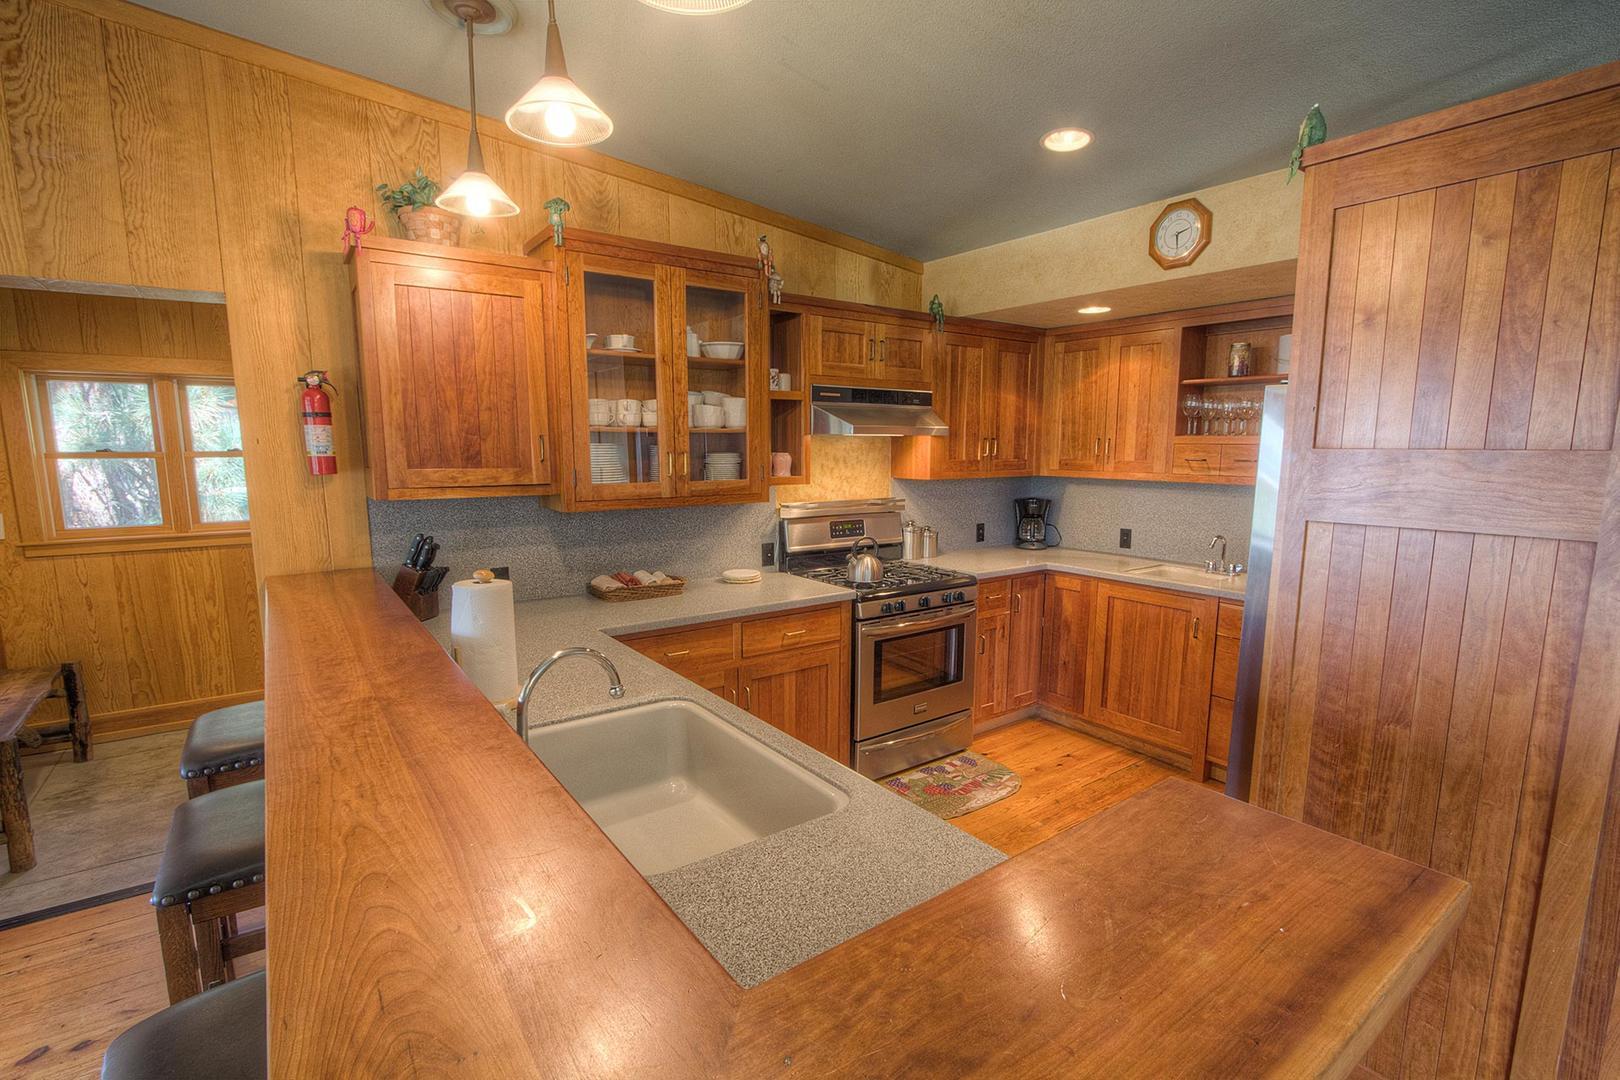 hch1202 kitchen